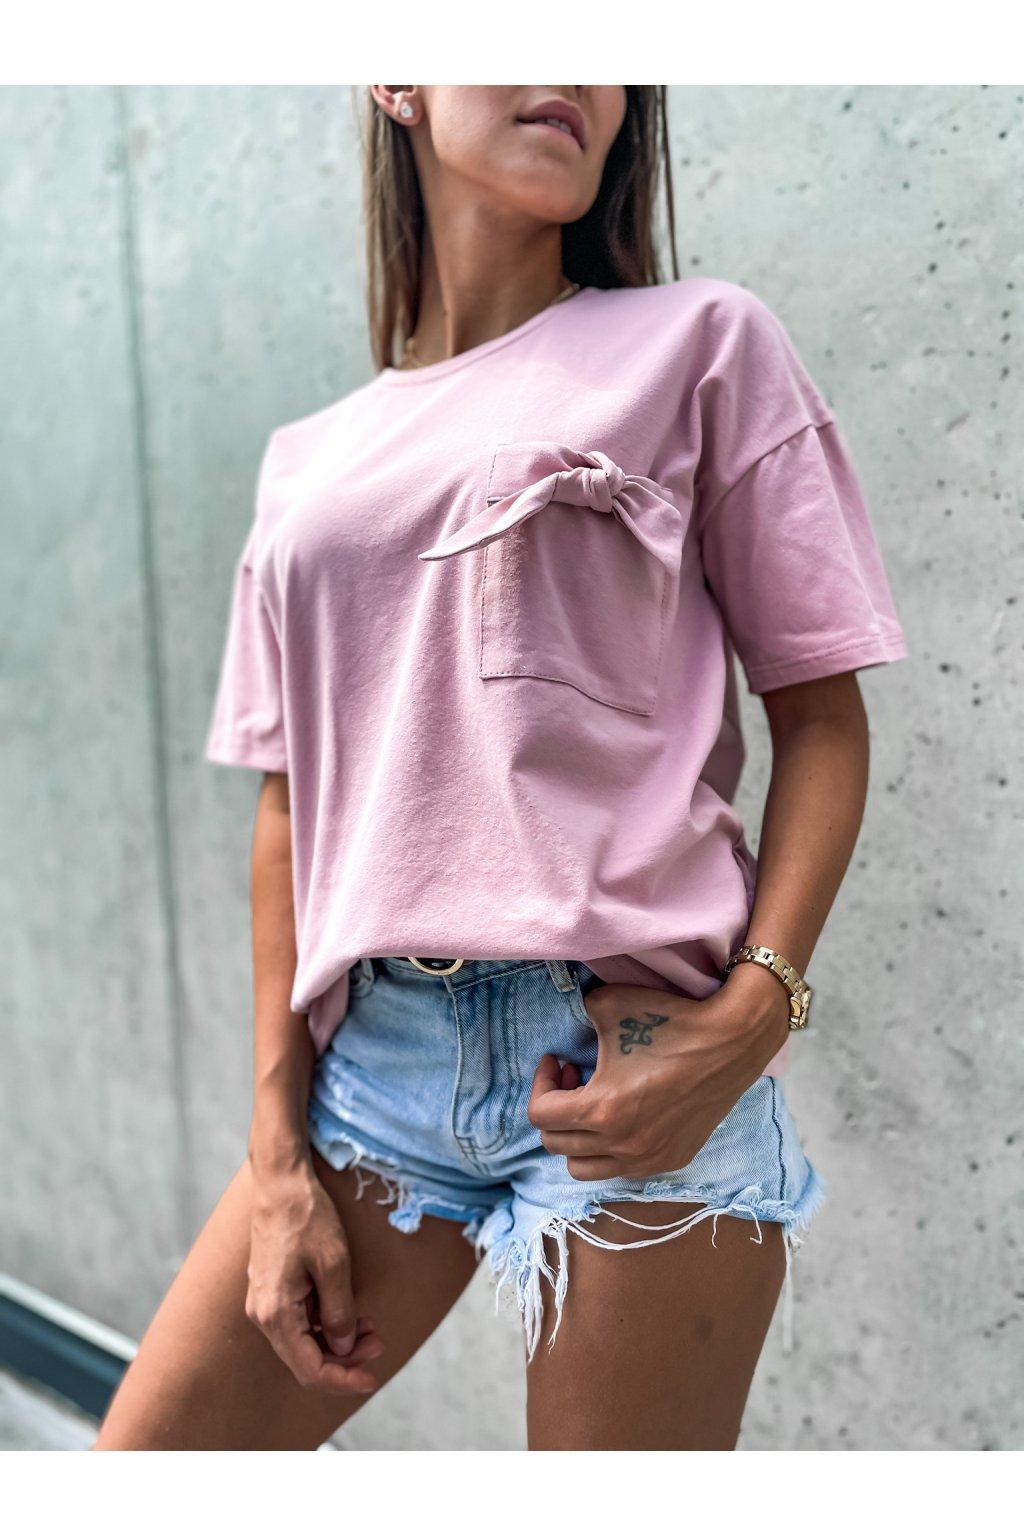 damske tricko s kapsou khloe powder pink eshopat cz 1